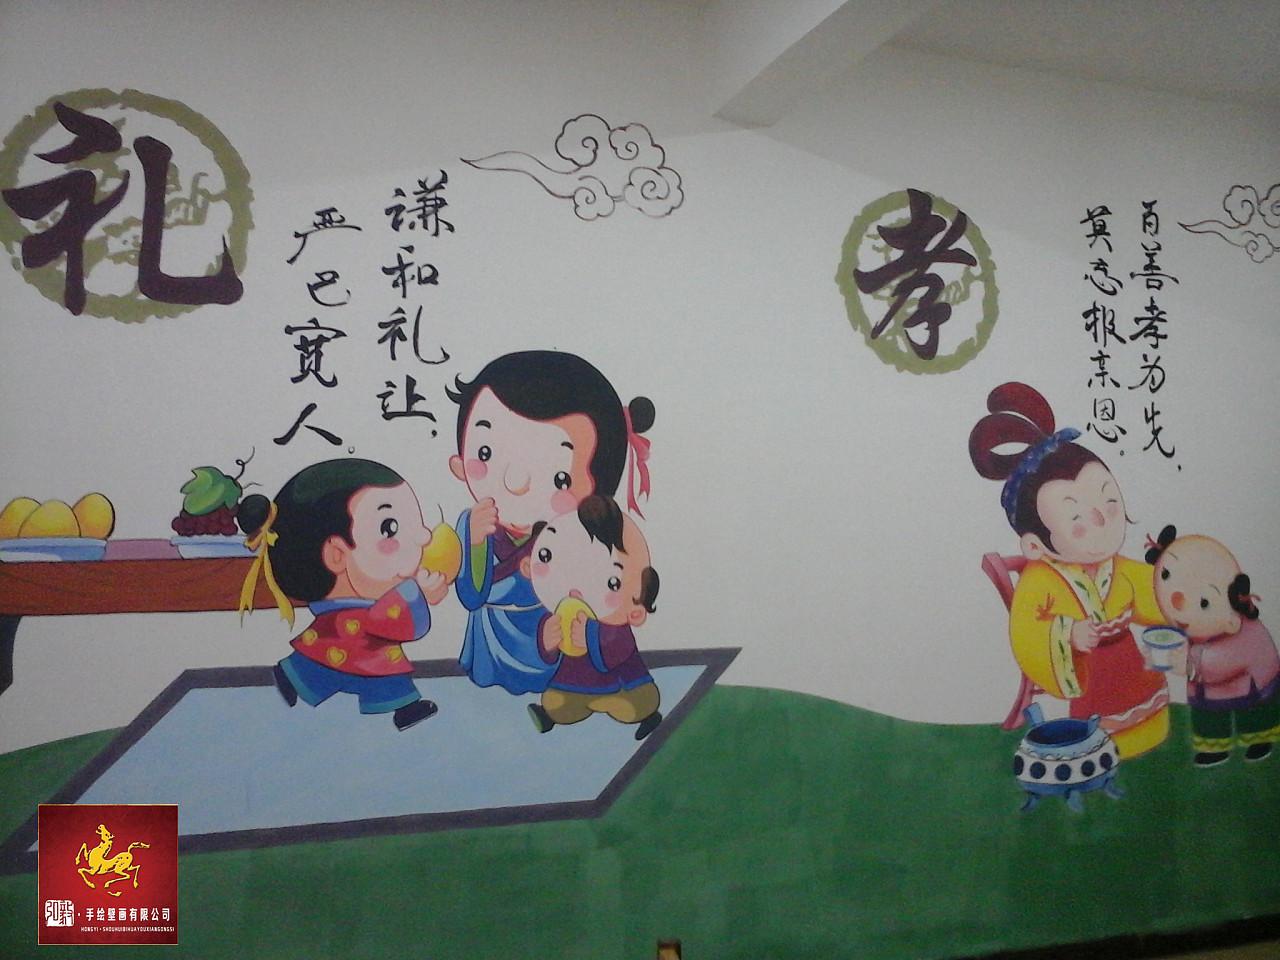 手绘壁画作品之 经典国学